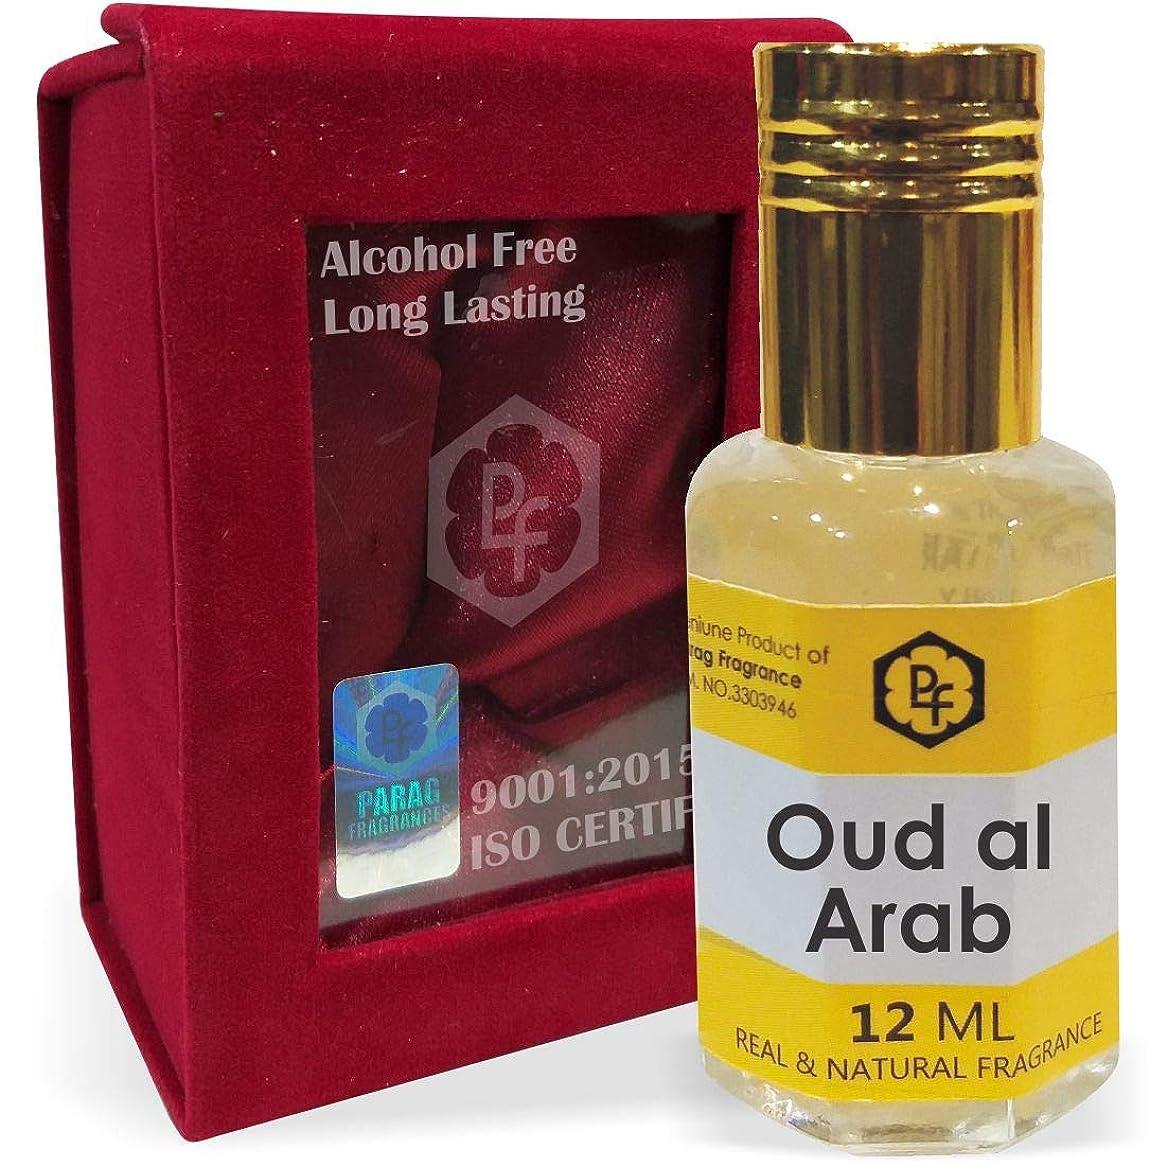 大惨事九月サイト手作りのベルベットボックスParagフレグランスウードアルアラブの12ミリリットルアター/香油/(インドの伝統的なBhapka処理方法により、インド製)フレグランスオイル|アターITRA最高の品質長持ち